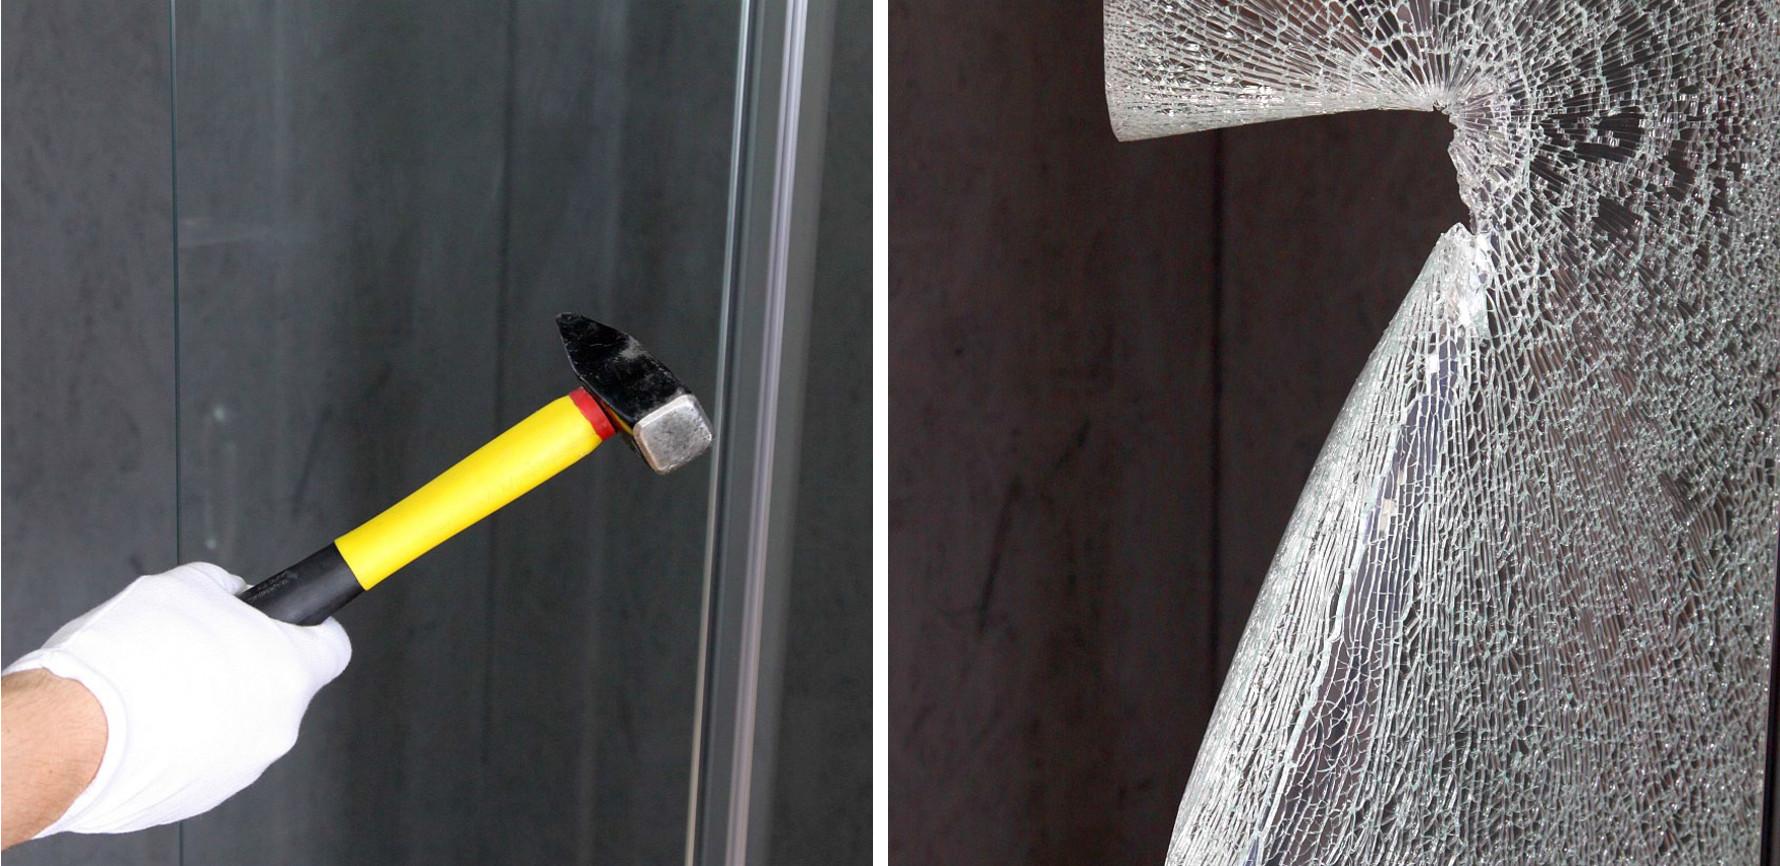 Grubość szkła (8 mm) pozwala zachować stabilność konstrukcji.